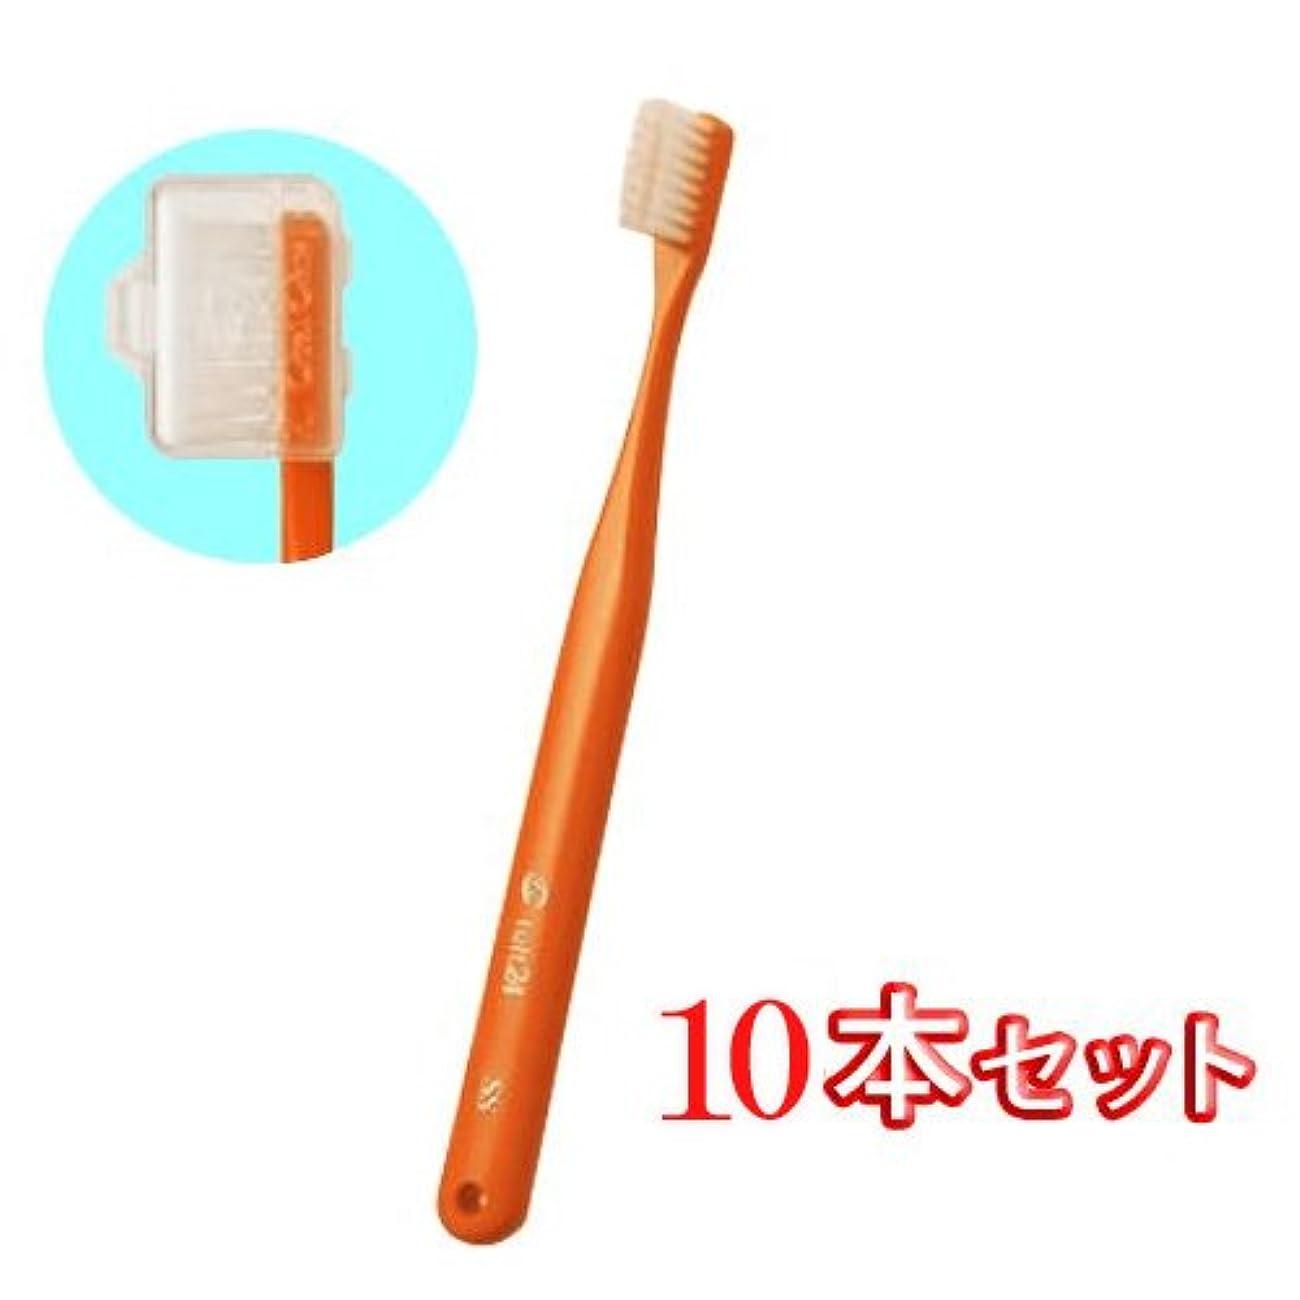 生クロール申請中オーラルケア キャップ付き タフト 24 歯ブラシ スーパーソフト 10本 (オレンジ)